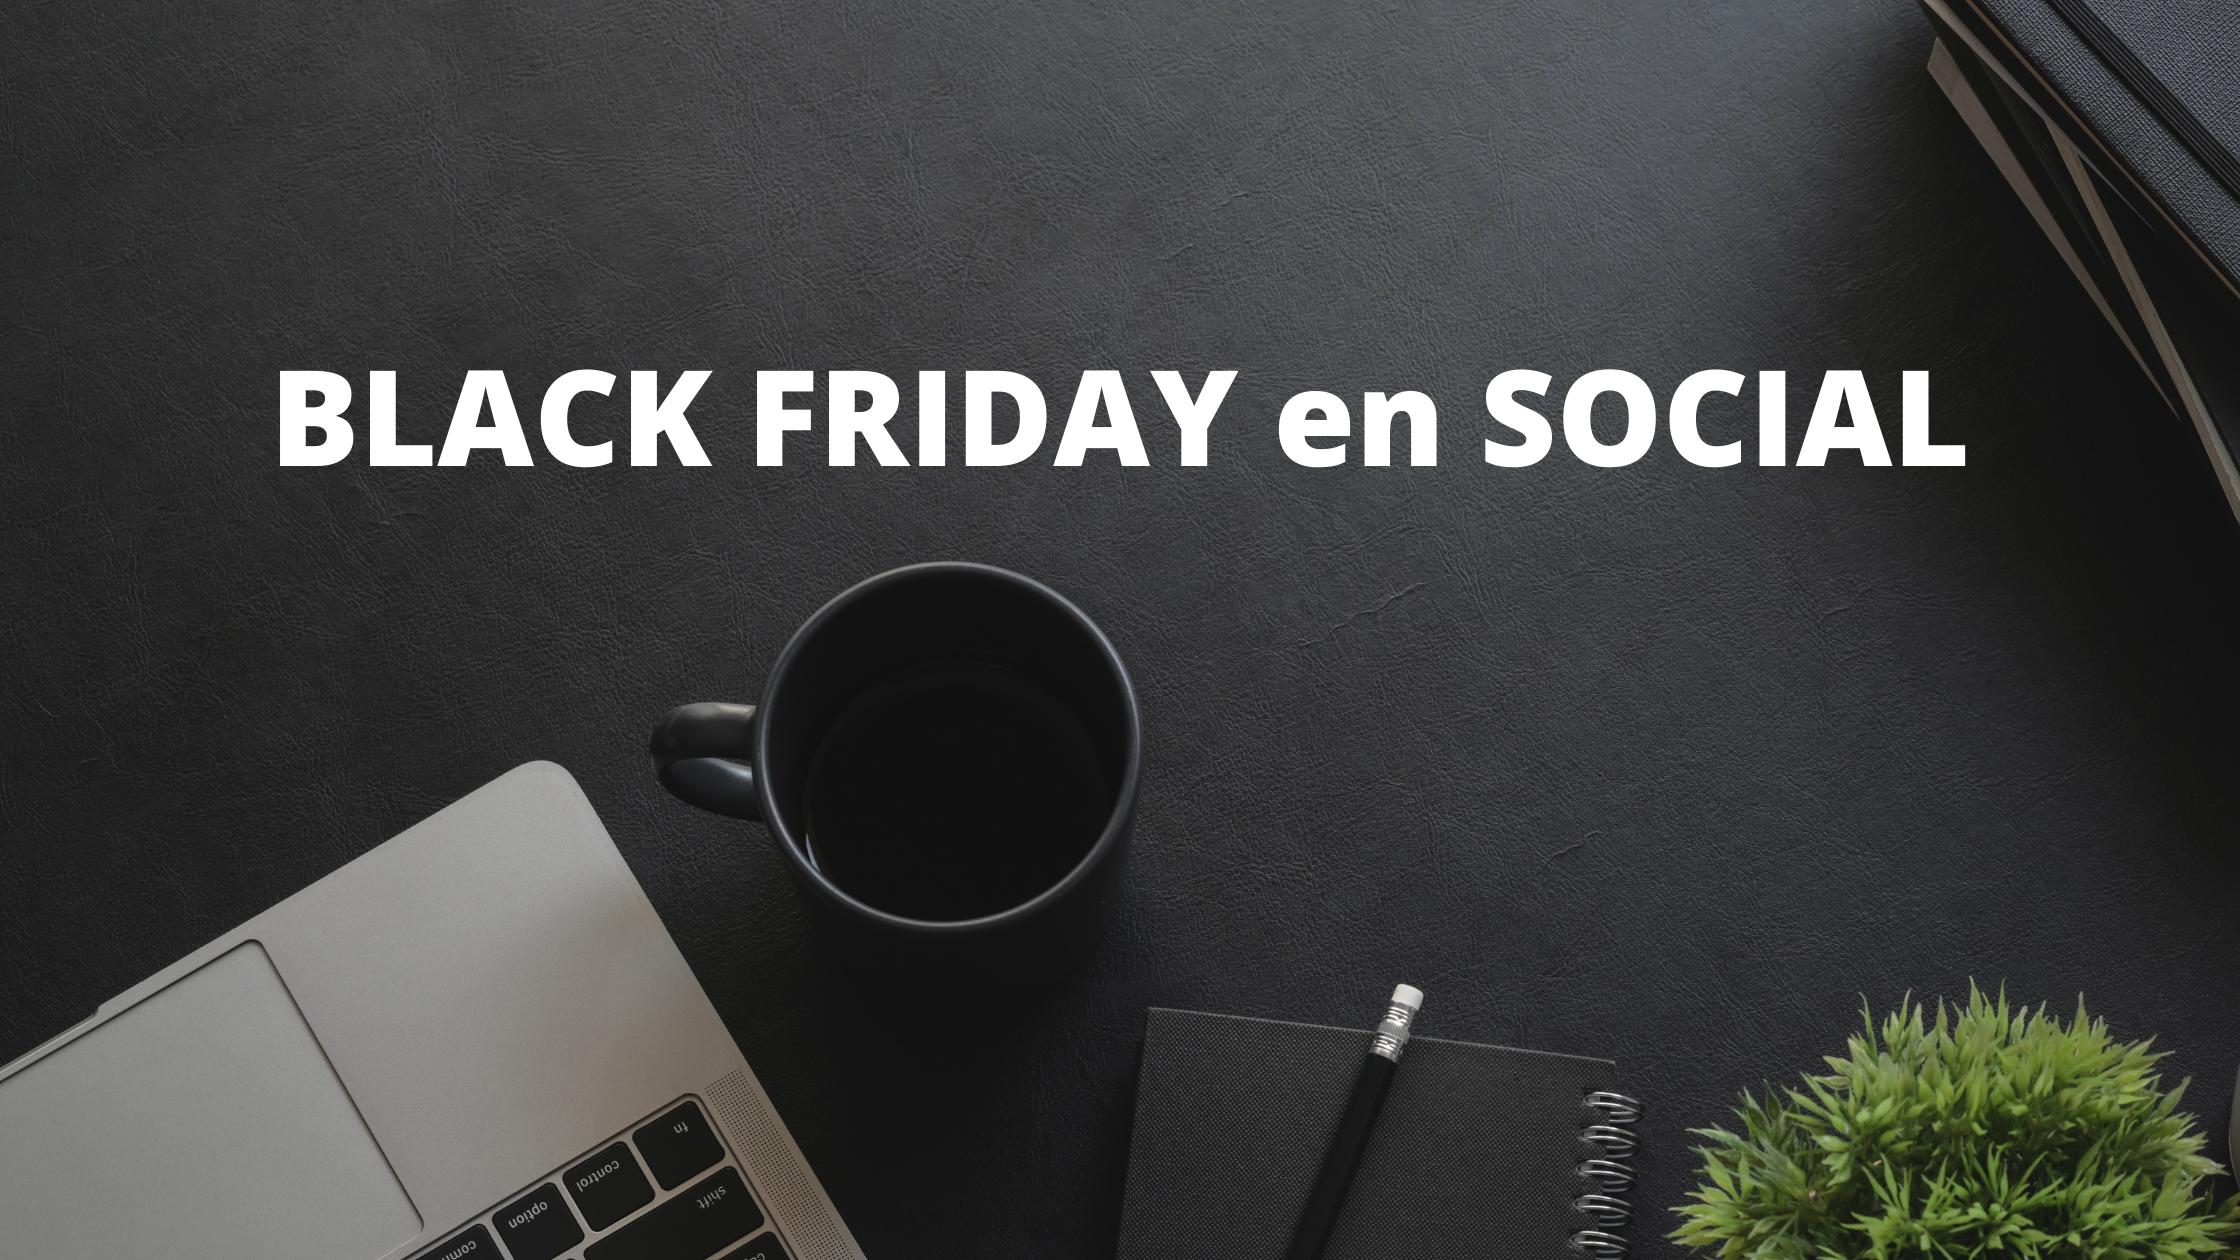 BLACK FRIDAY en SOCIAL de mordiben.com